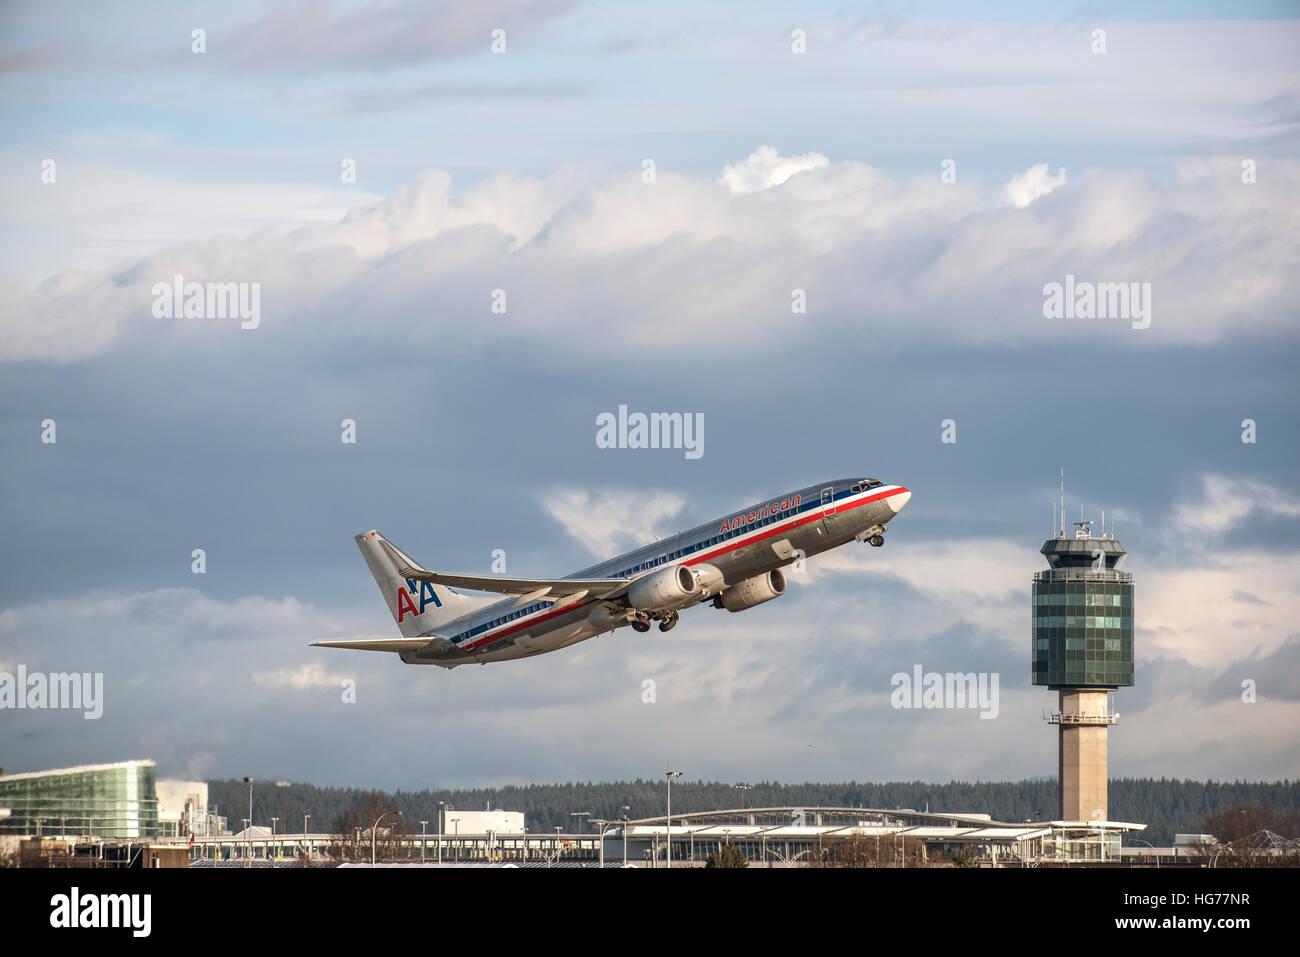 American Airlines Boeing 737-823 en vol après le décollage de l'aéroport international de Vancouver. Banque D'Images